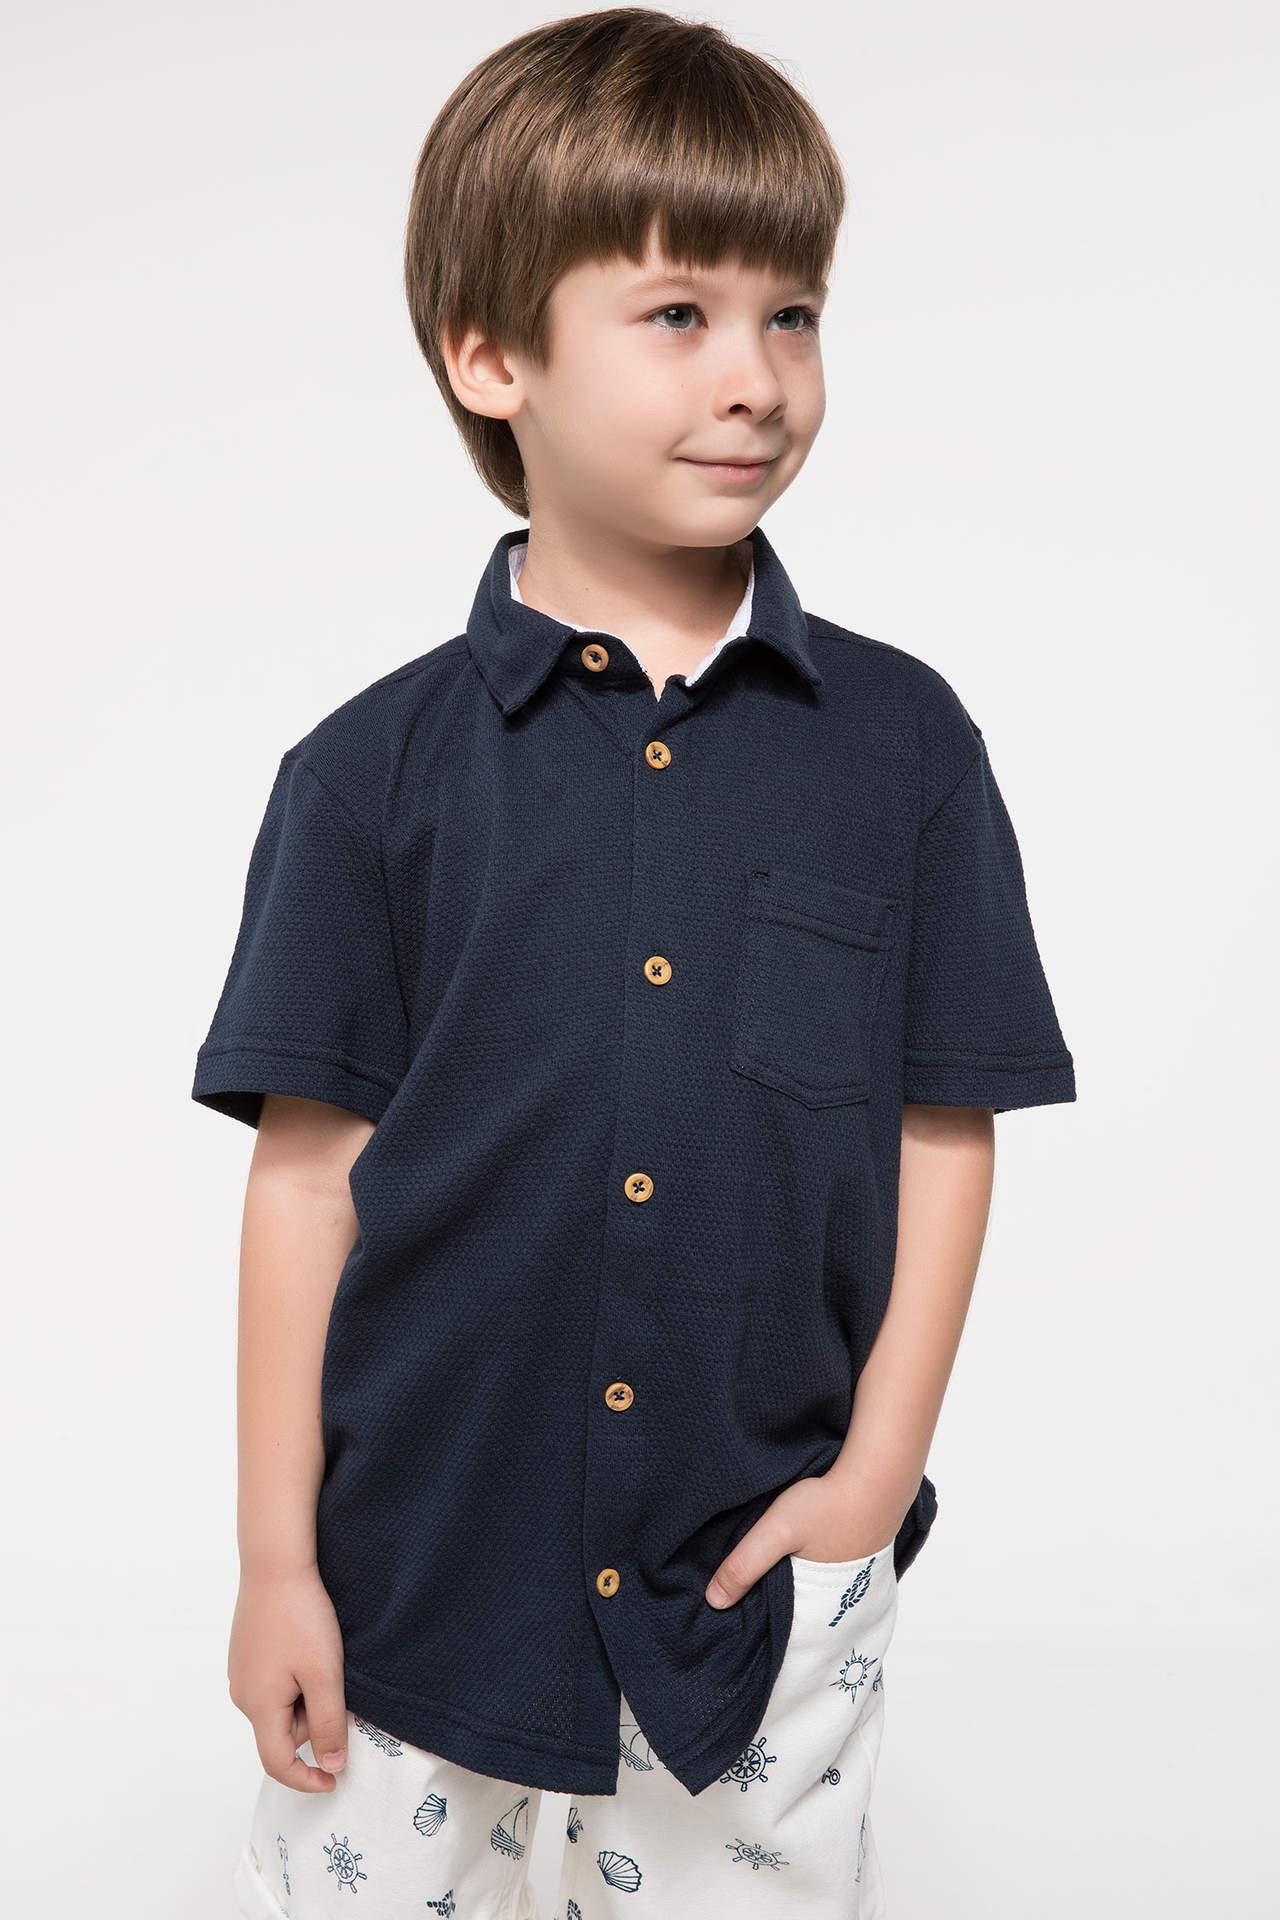 DeFacto Erkek Çocuk Polo Yaka Tek Cep Gömlek Mavi male